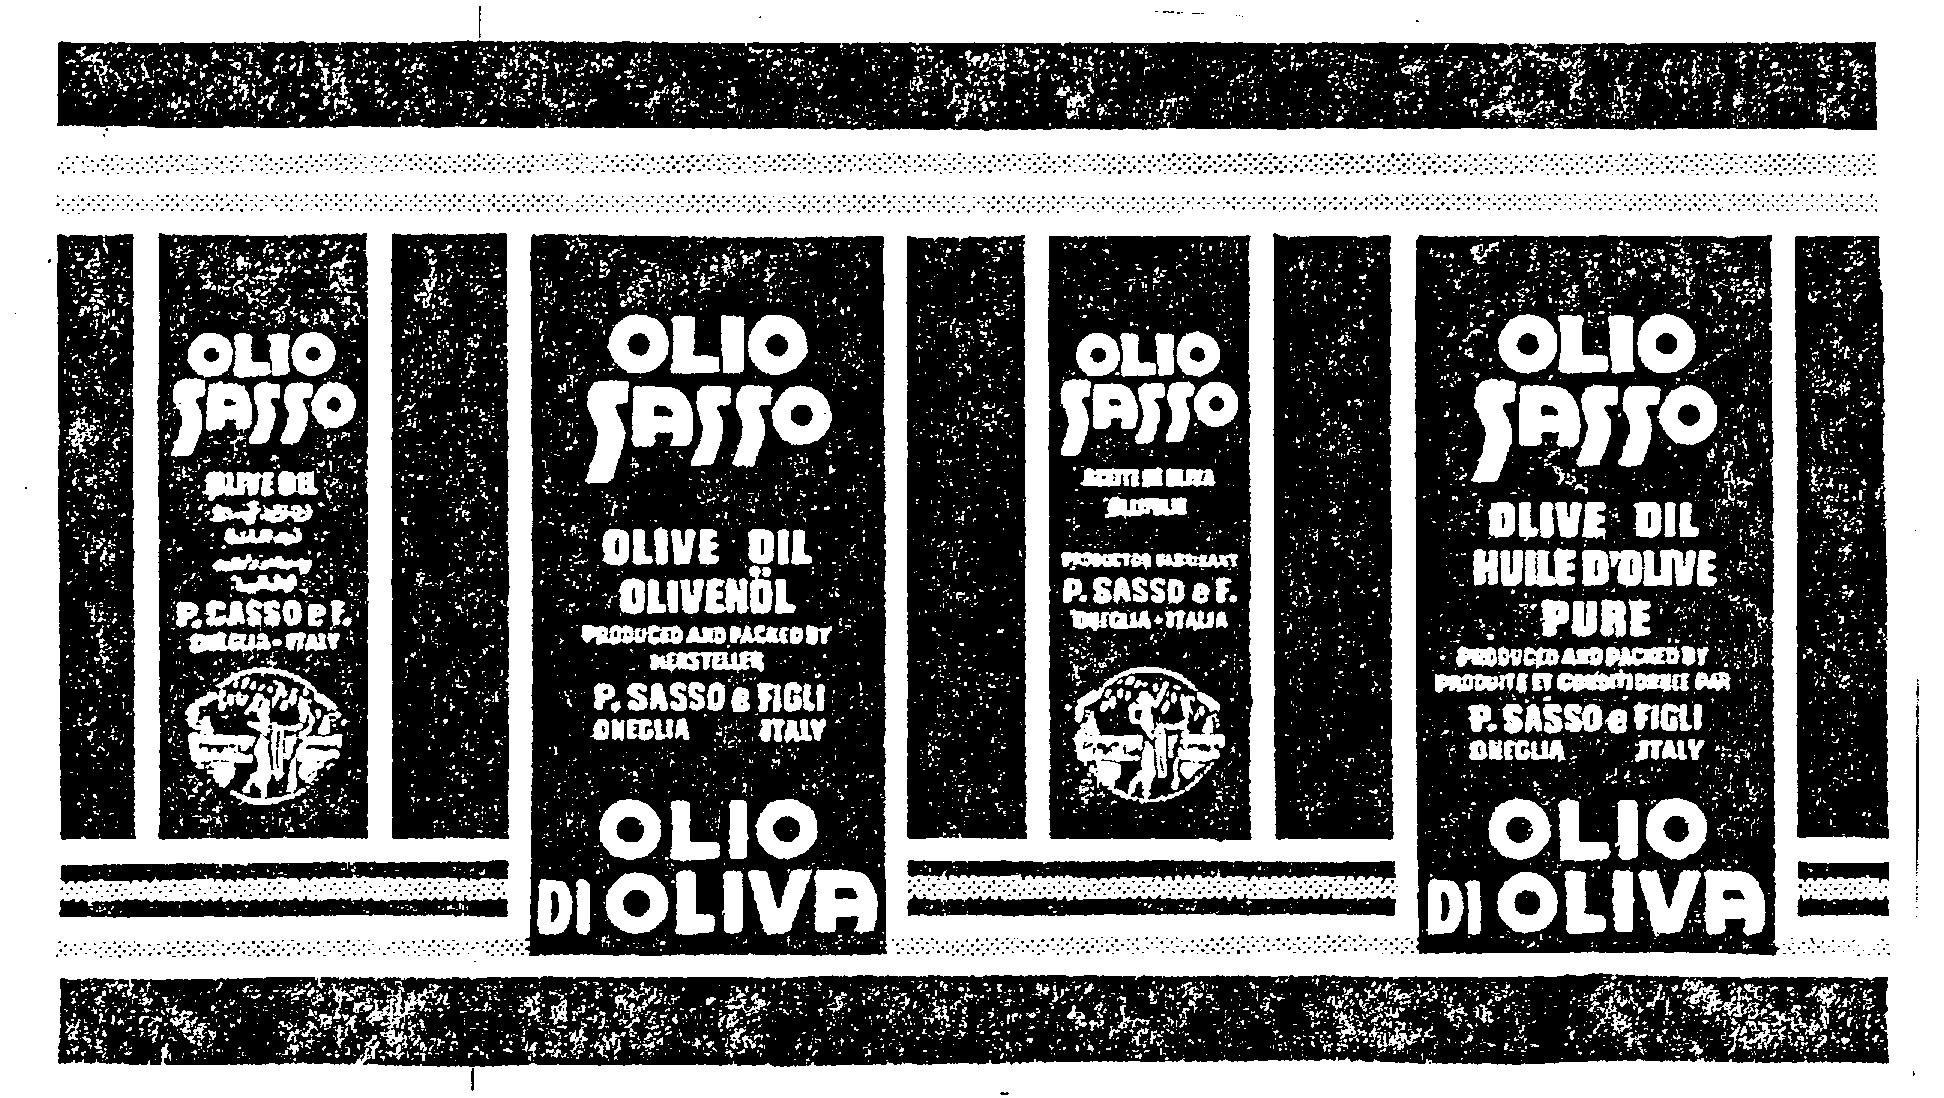 olio di oliva olio sasso by carapelli firenze spa 324617